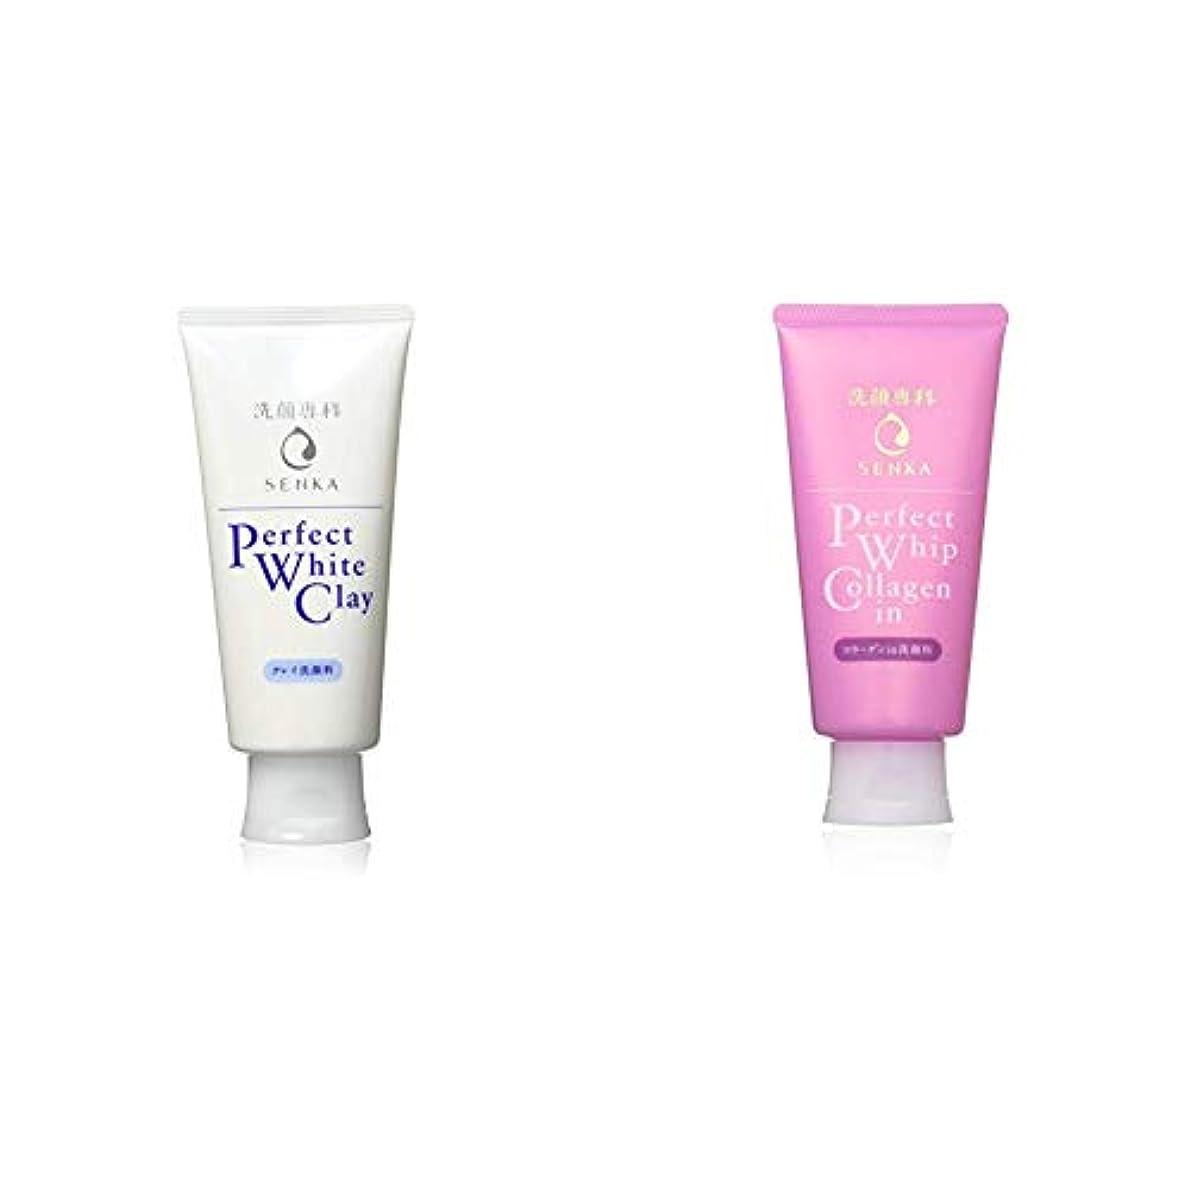 等倫理的プレビスサイト洗顔専科 パーフェクトホワイトクレイ 洗顔料 120g & パーフェクトホイップ コラーゲンin 洗顔フォーム 120g